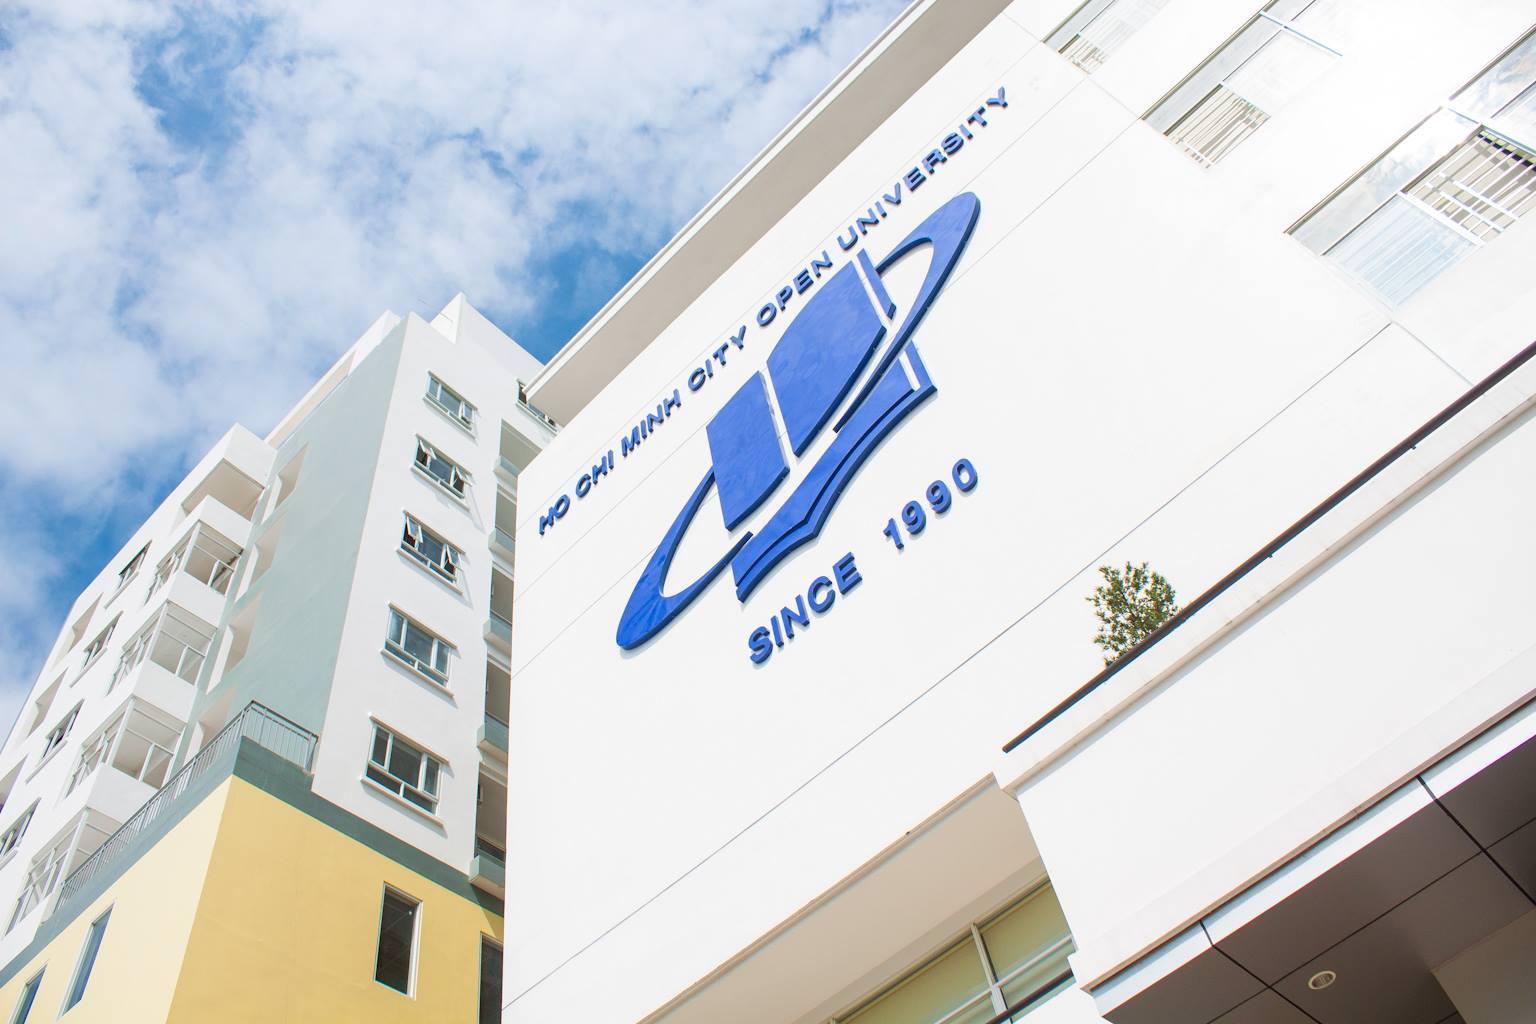 Trường Đại học Mở Tp.HCM tuyển Giảng viên có trình độ Thạc sĩ